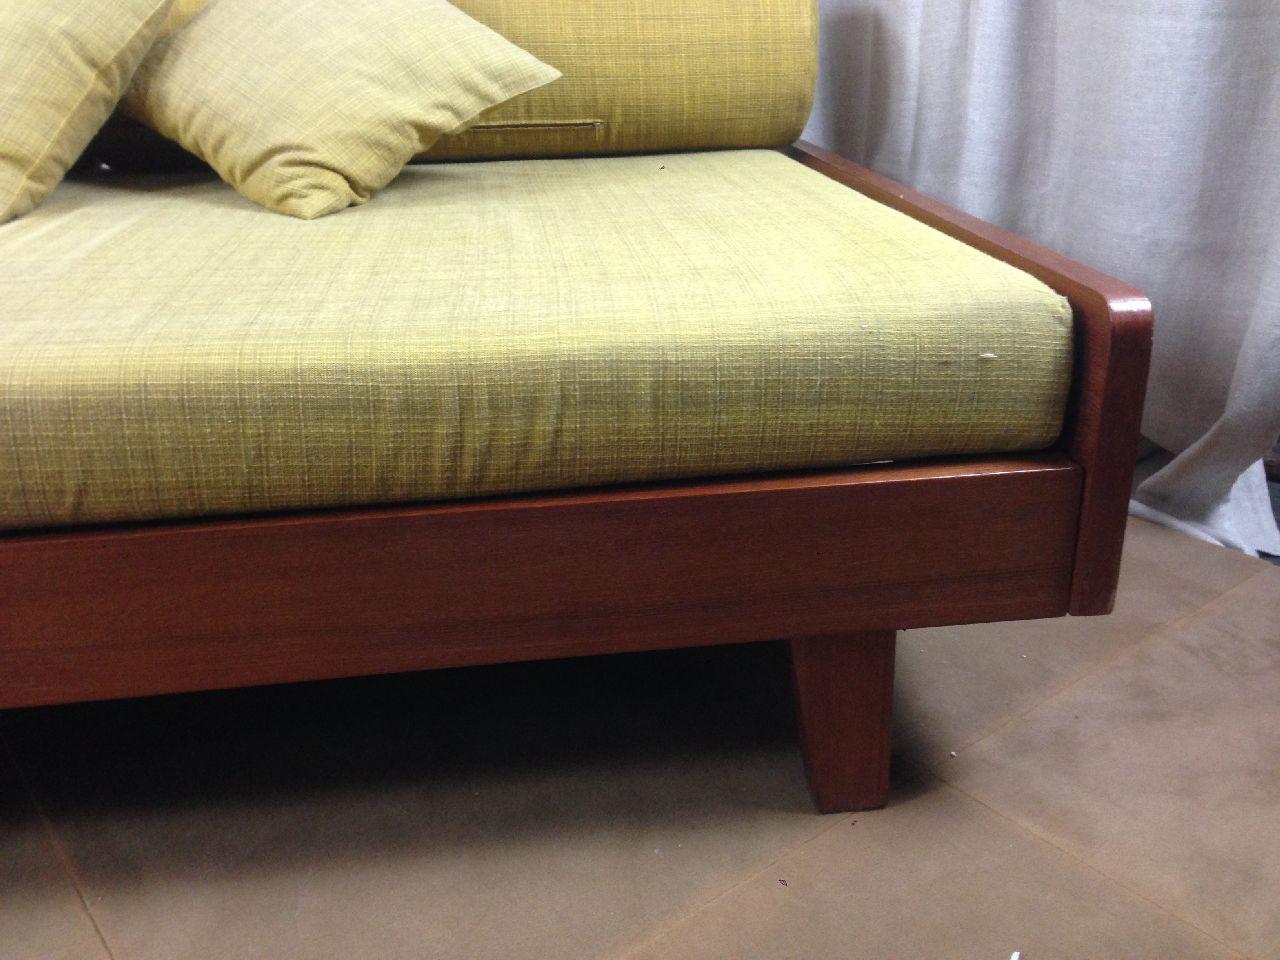 Couch bett daybed 8 kissen 50 60er jahre ebay for Bett 60er jahre